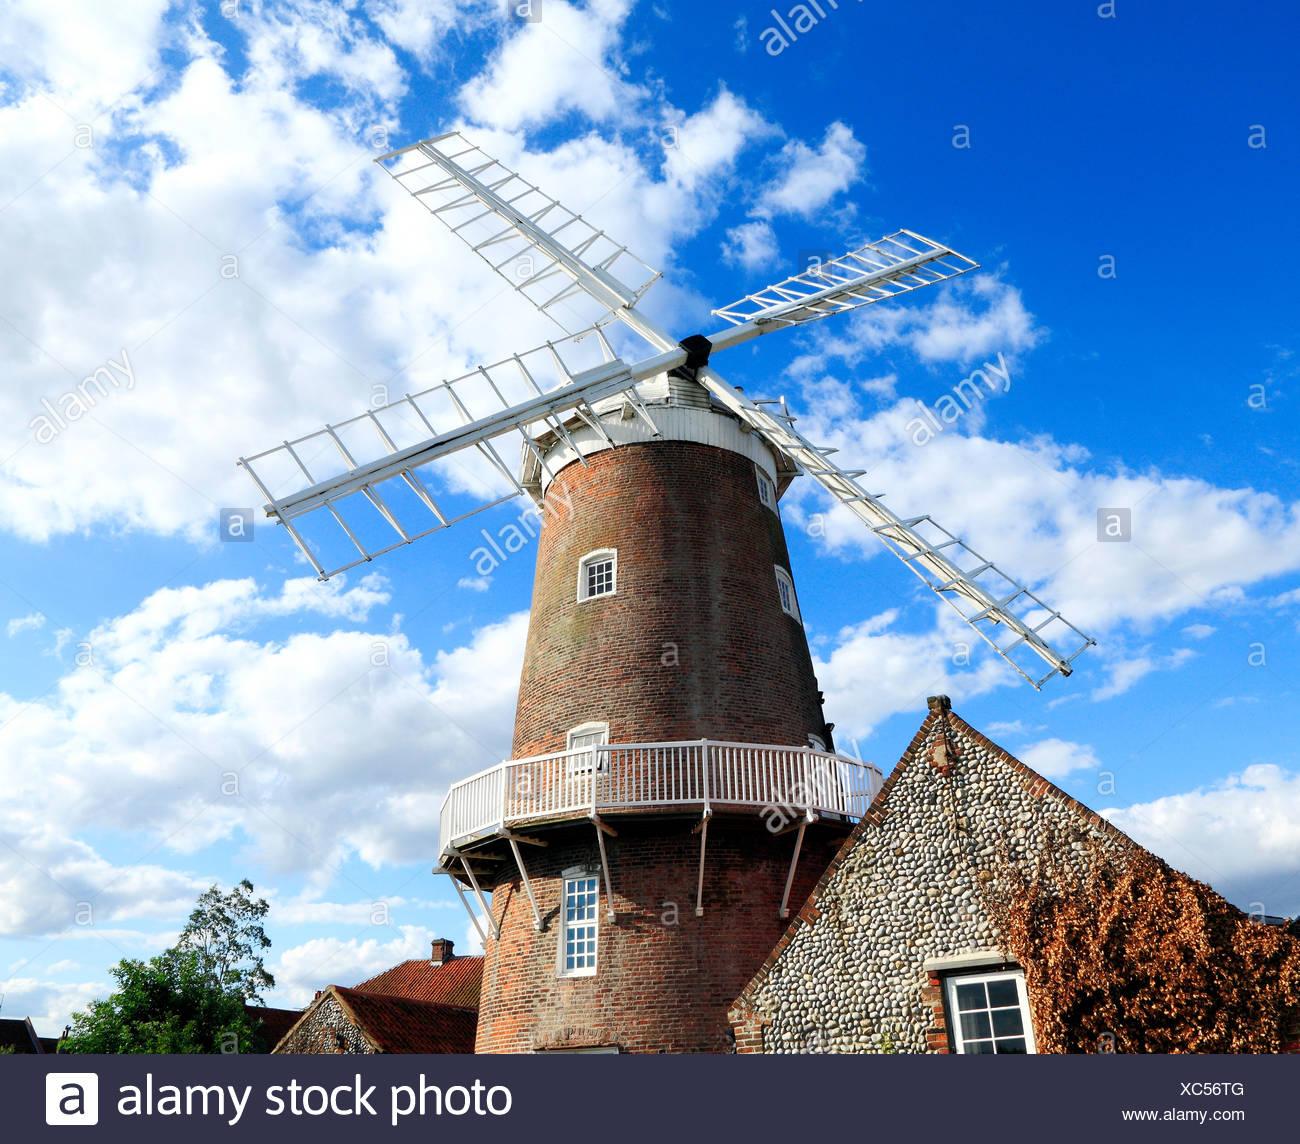 Cley accanto al mare, torre in mattoni e il mulino a vento di cappuccio, Norfolk, Inghilterra Inglese Regno Unito mulini a vento mill mills inizio del XIX secolo Immagini Stock